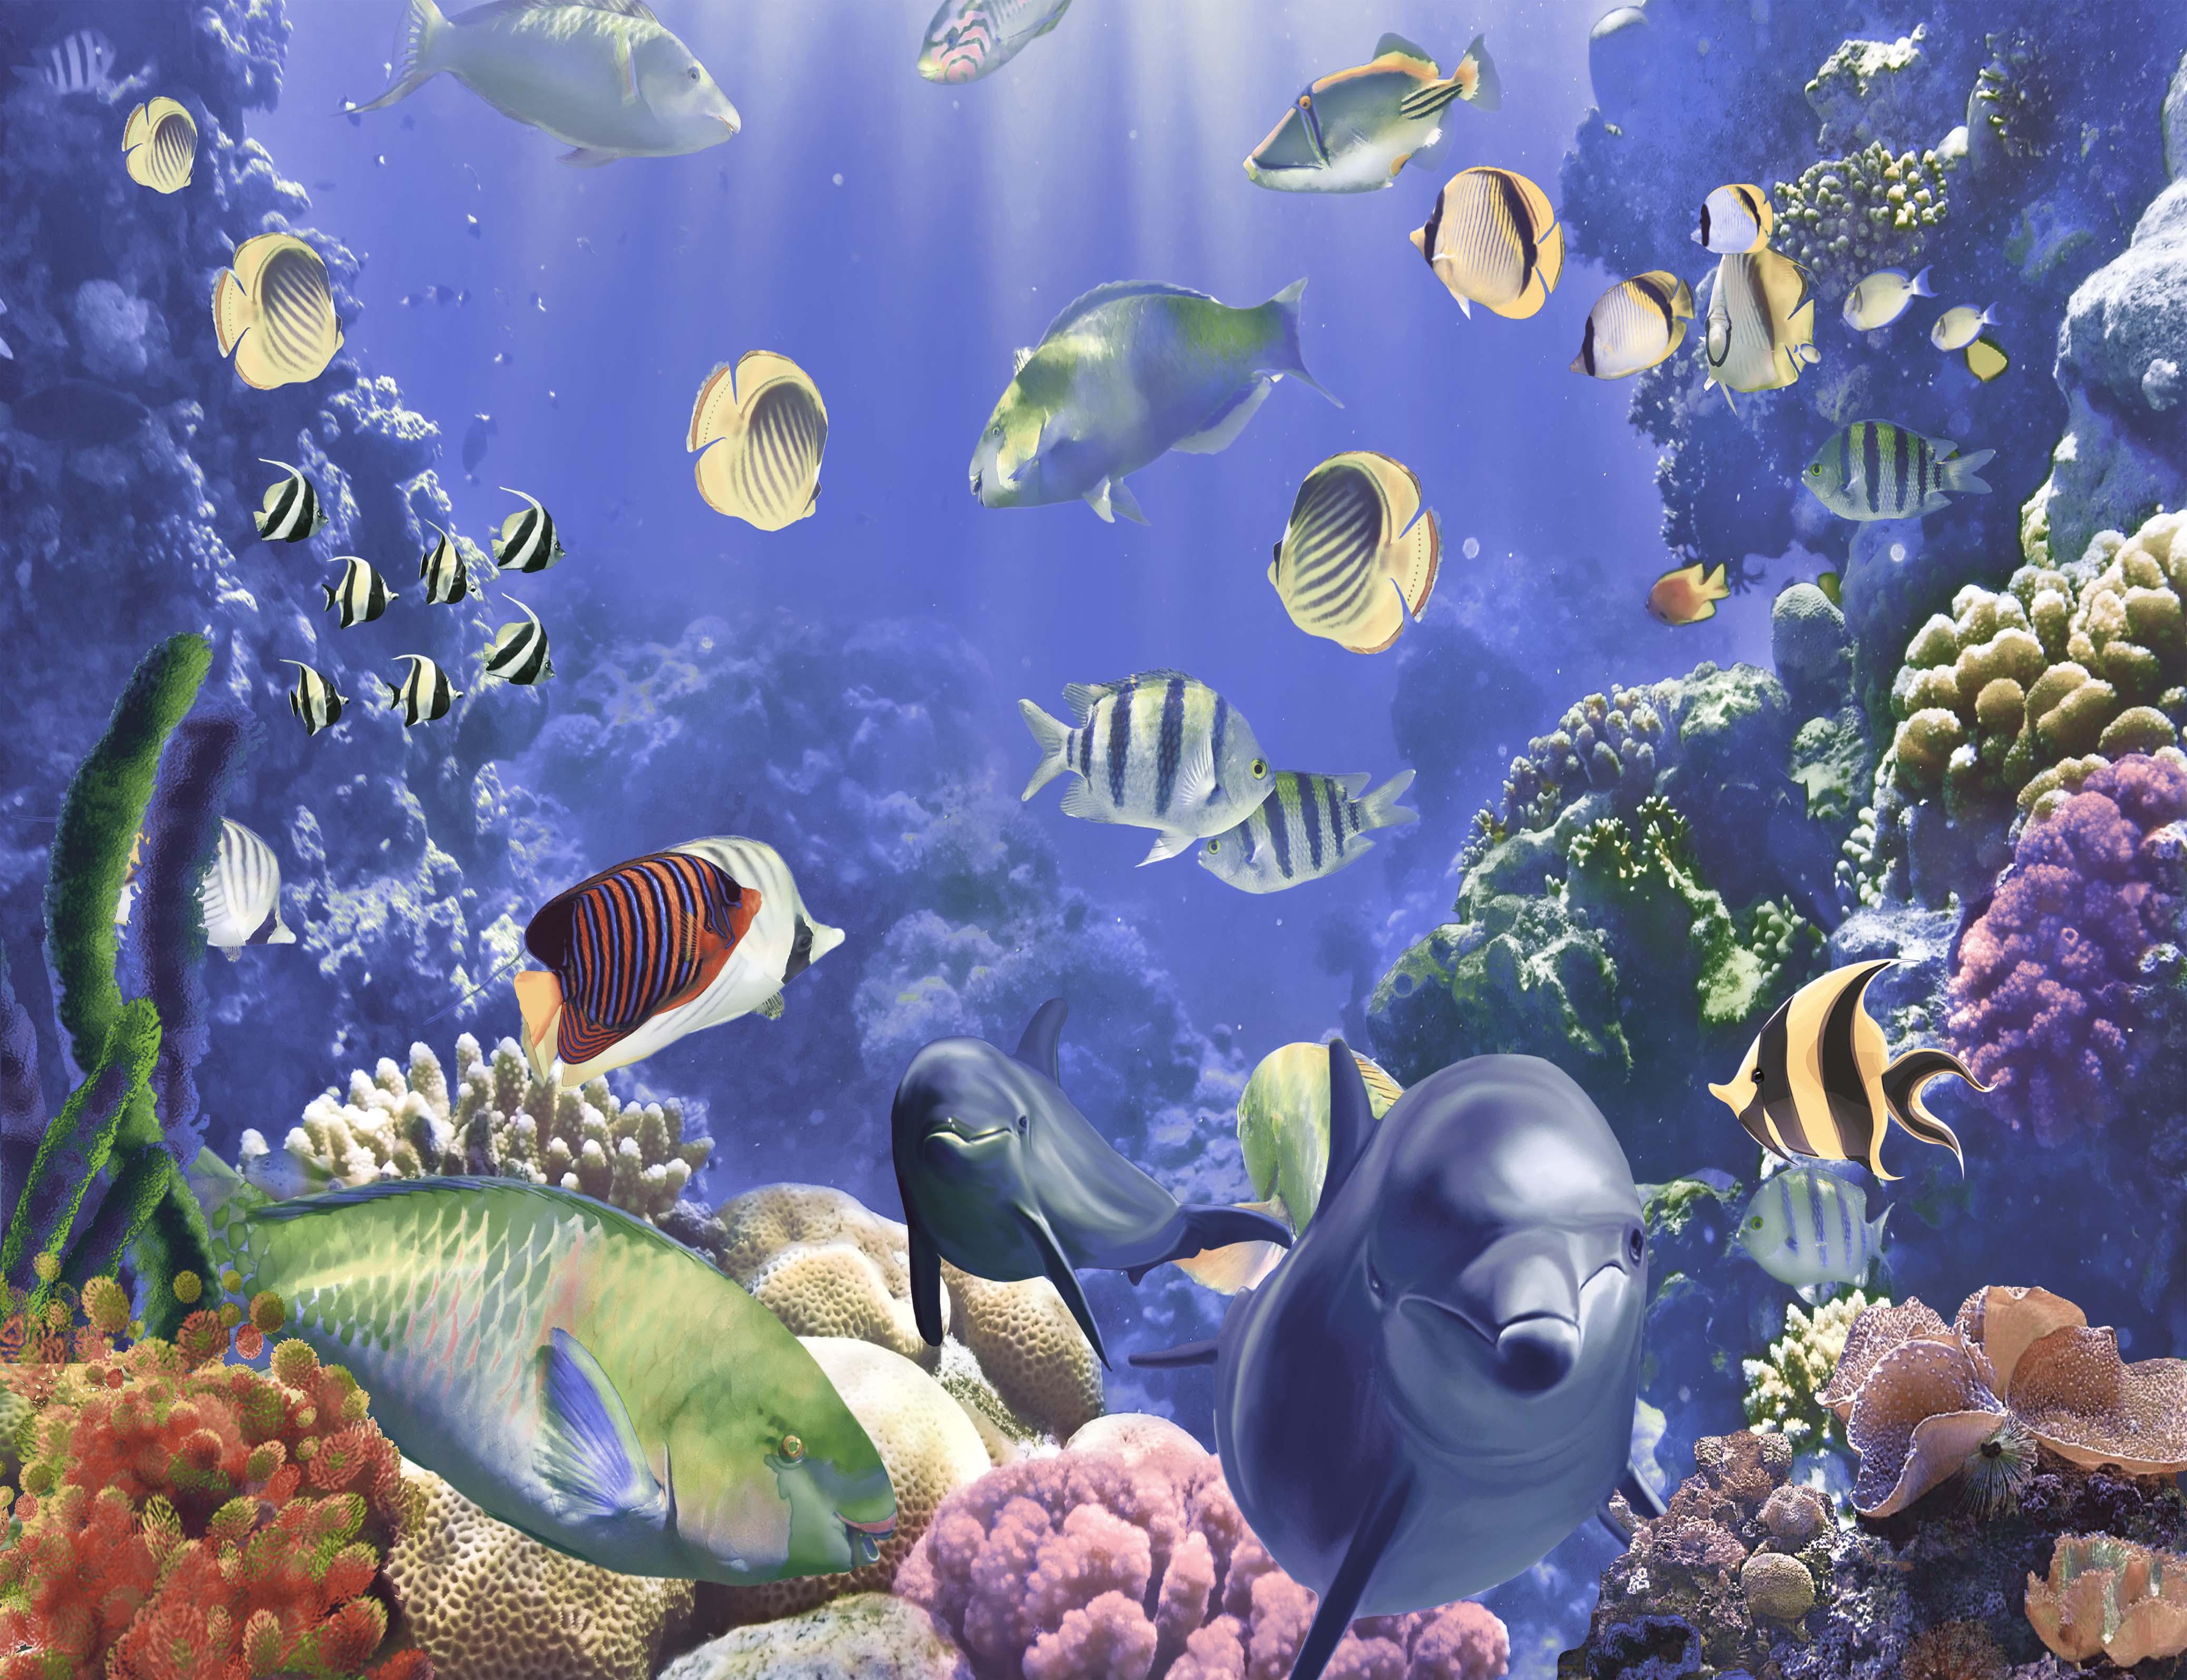 風景桌面壁紙海洋世界圖片大全_風景桌面壁紙海洋